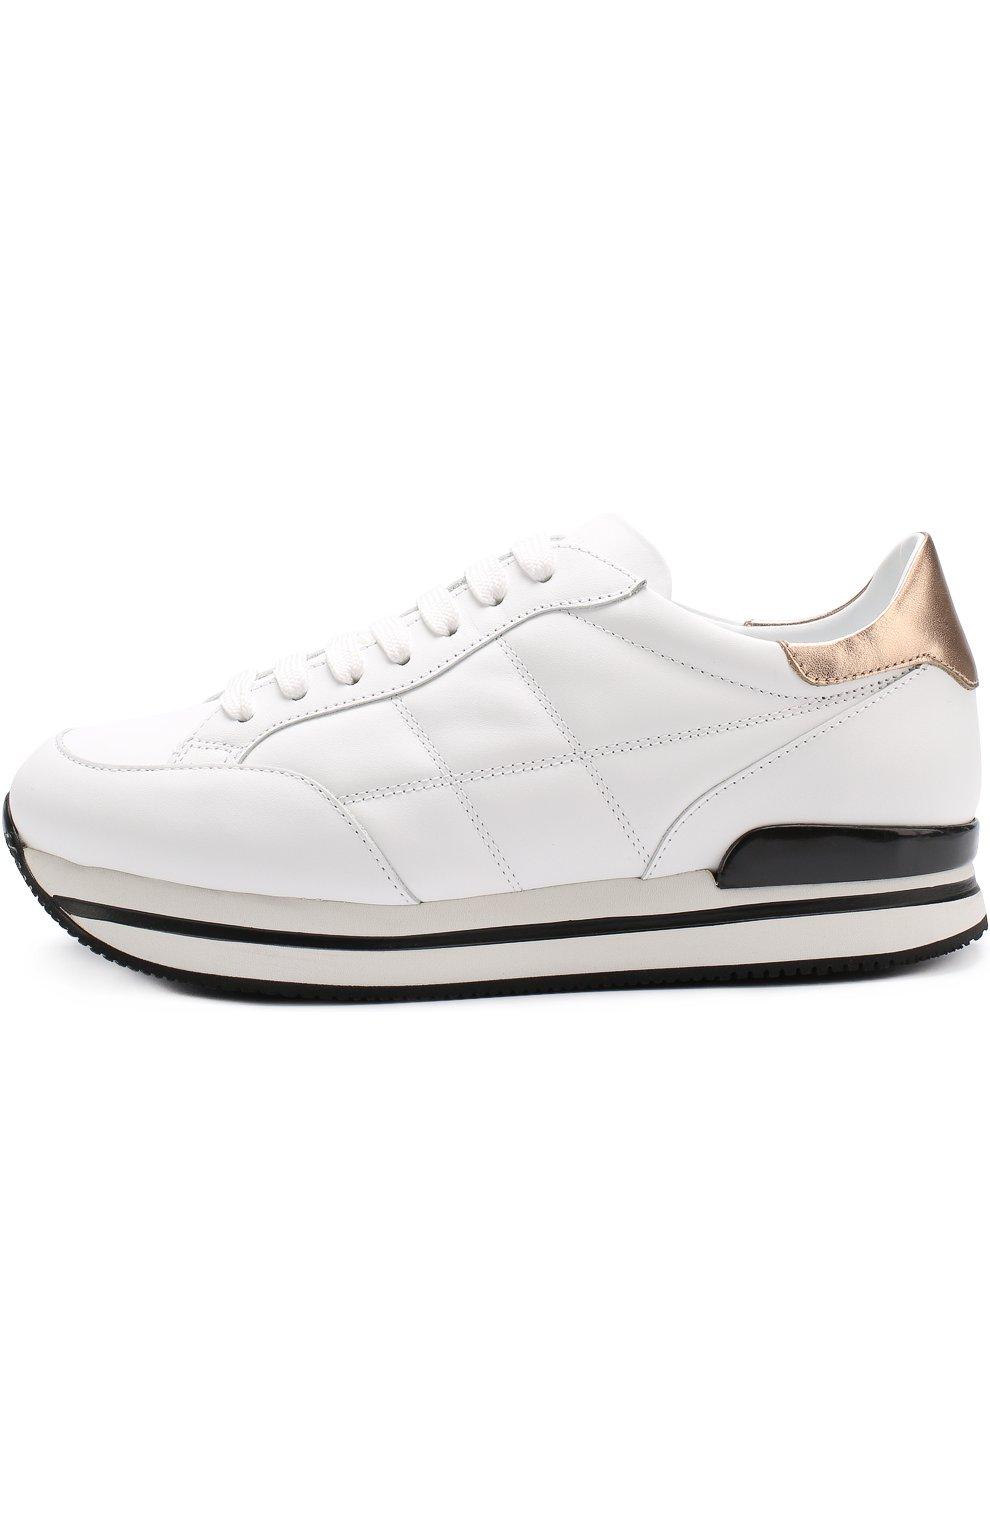 Кожаные кроссовки на шнуровке Hogan белые | Фото №3